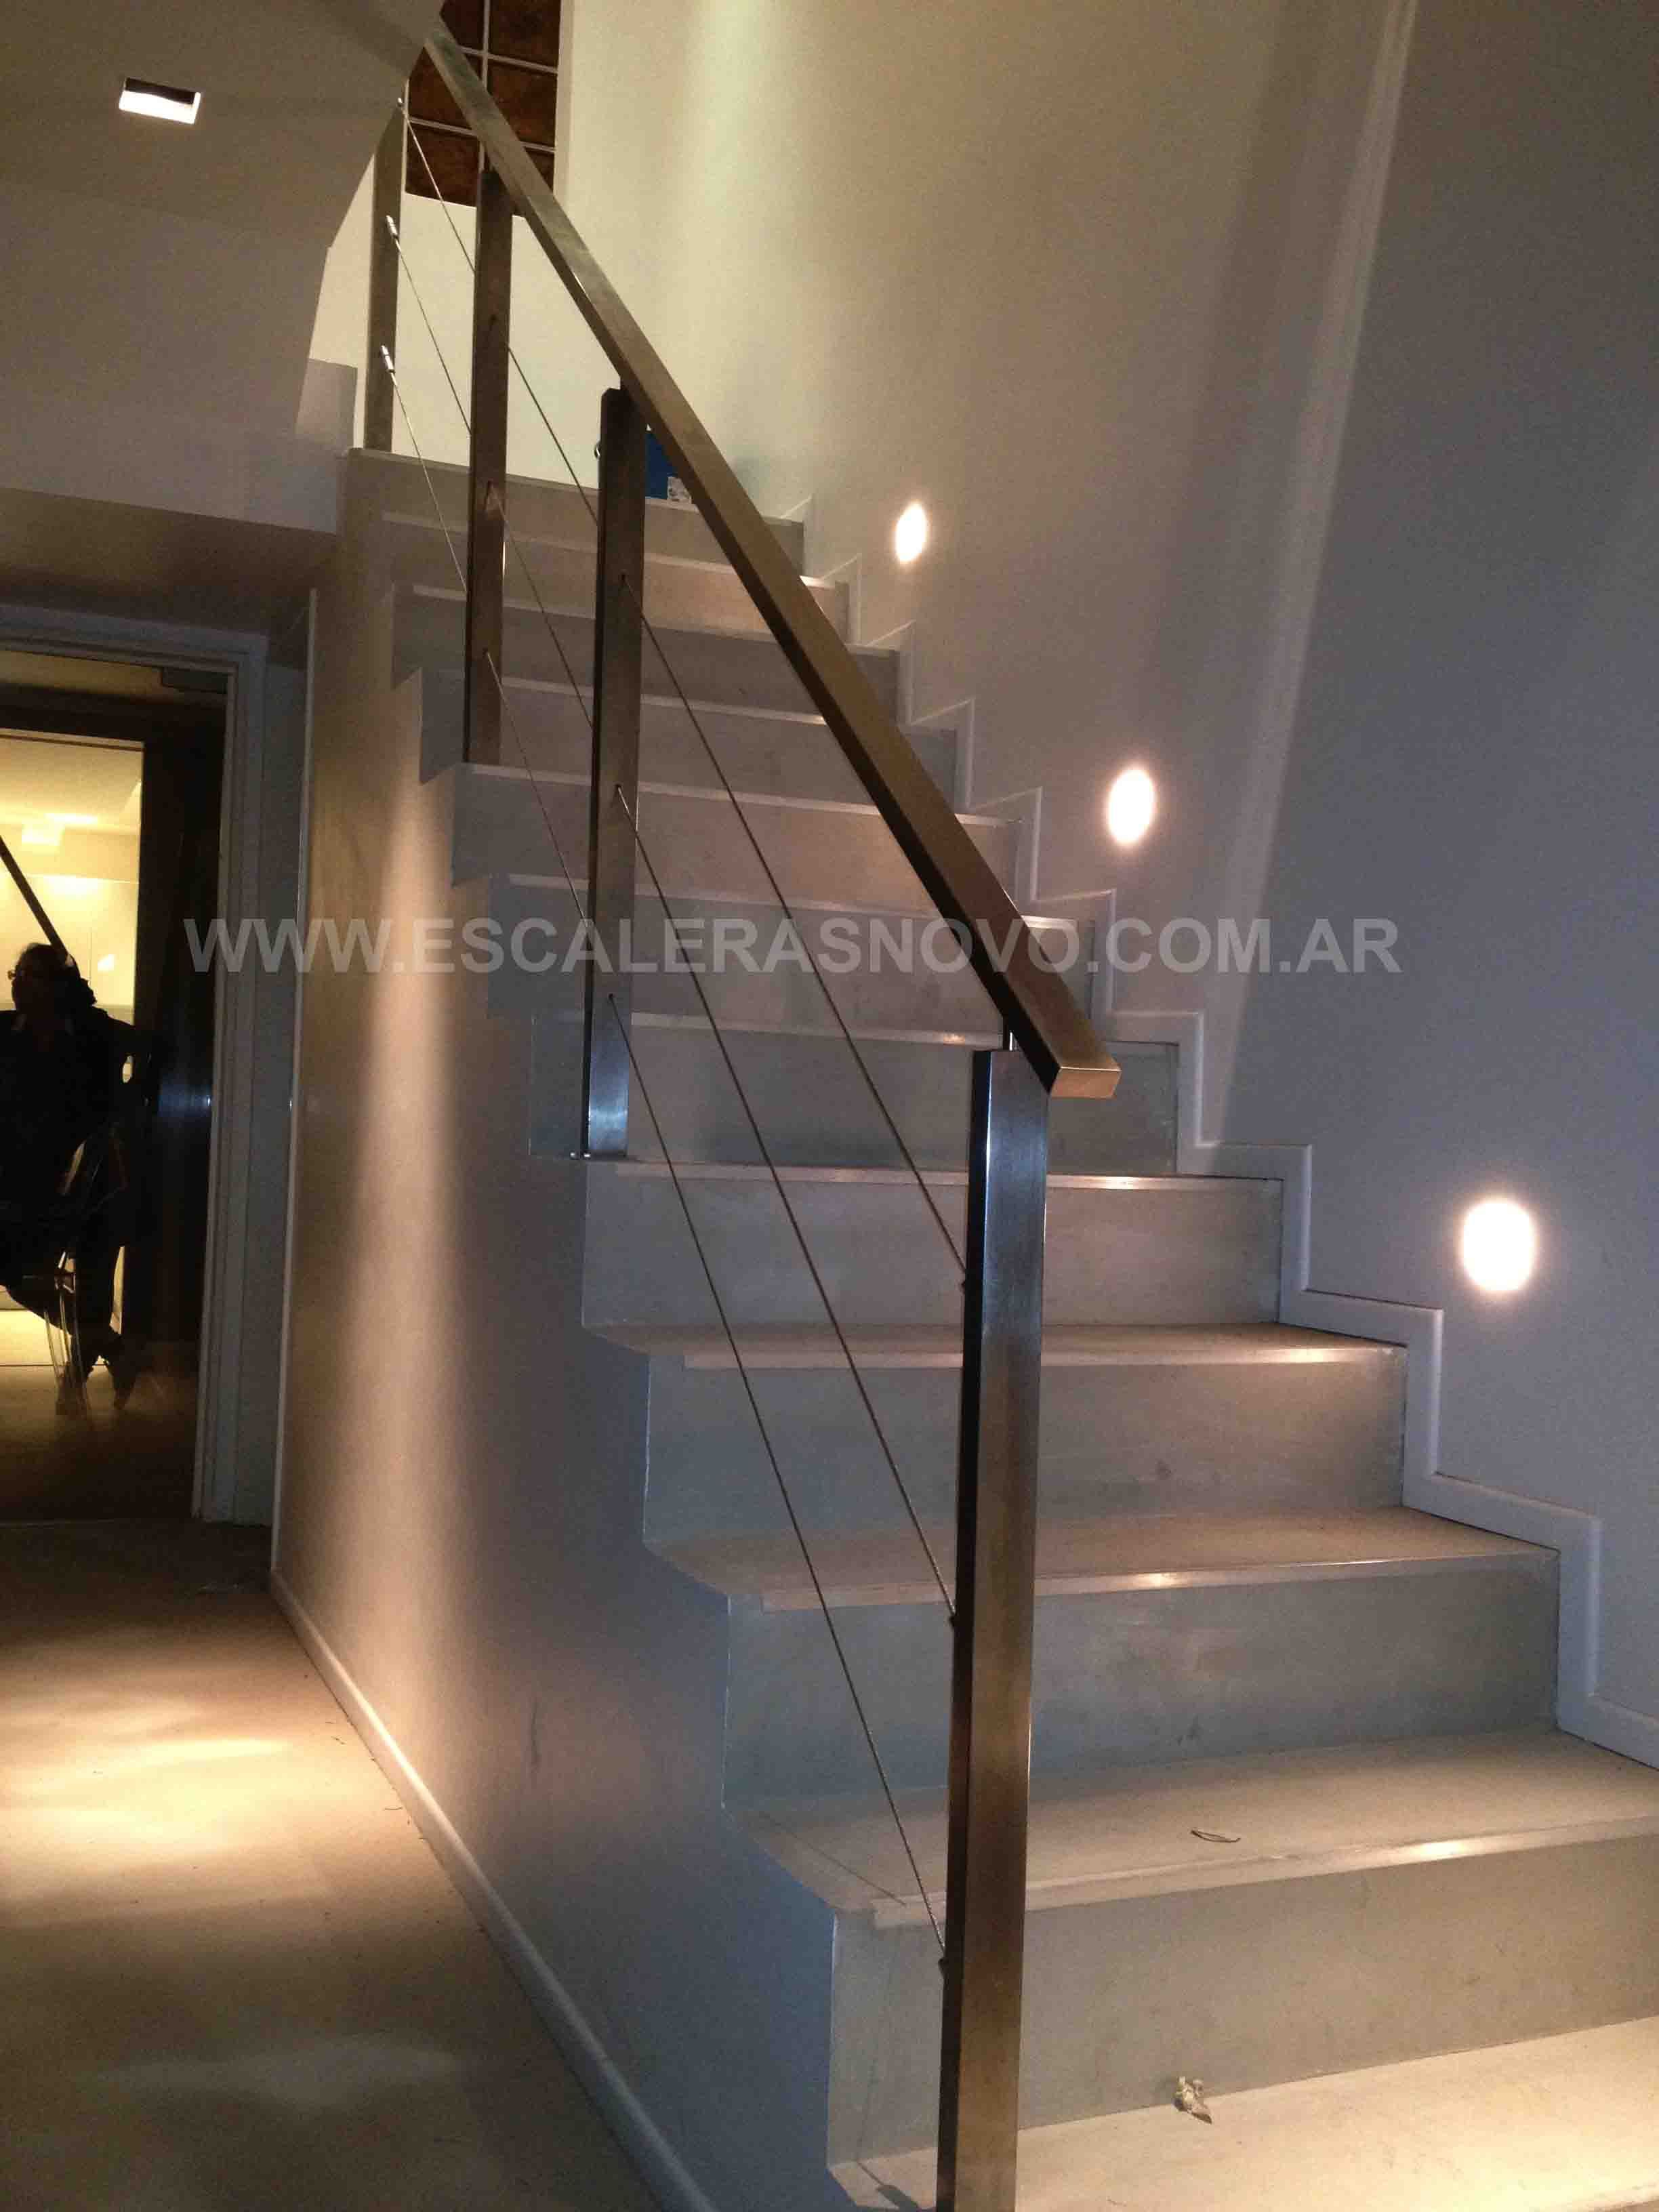 Barandas de acero inoxidable con tensores mod 13 venta de - Escaleras de acero ...